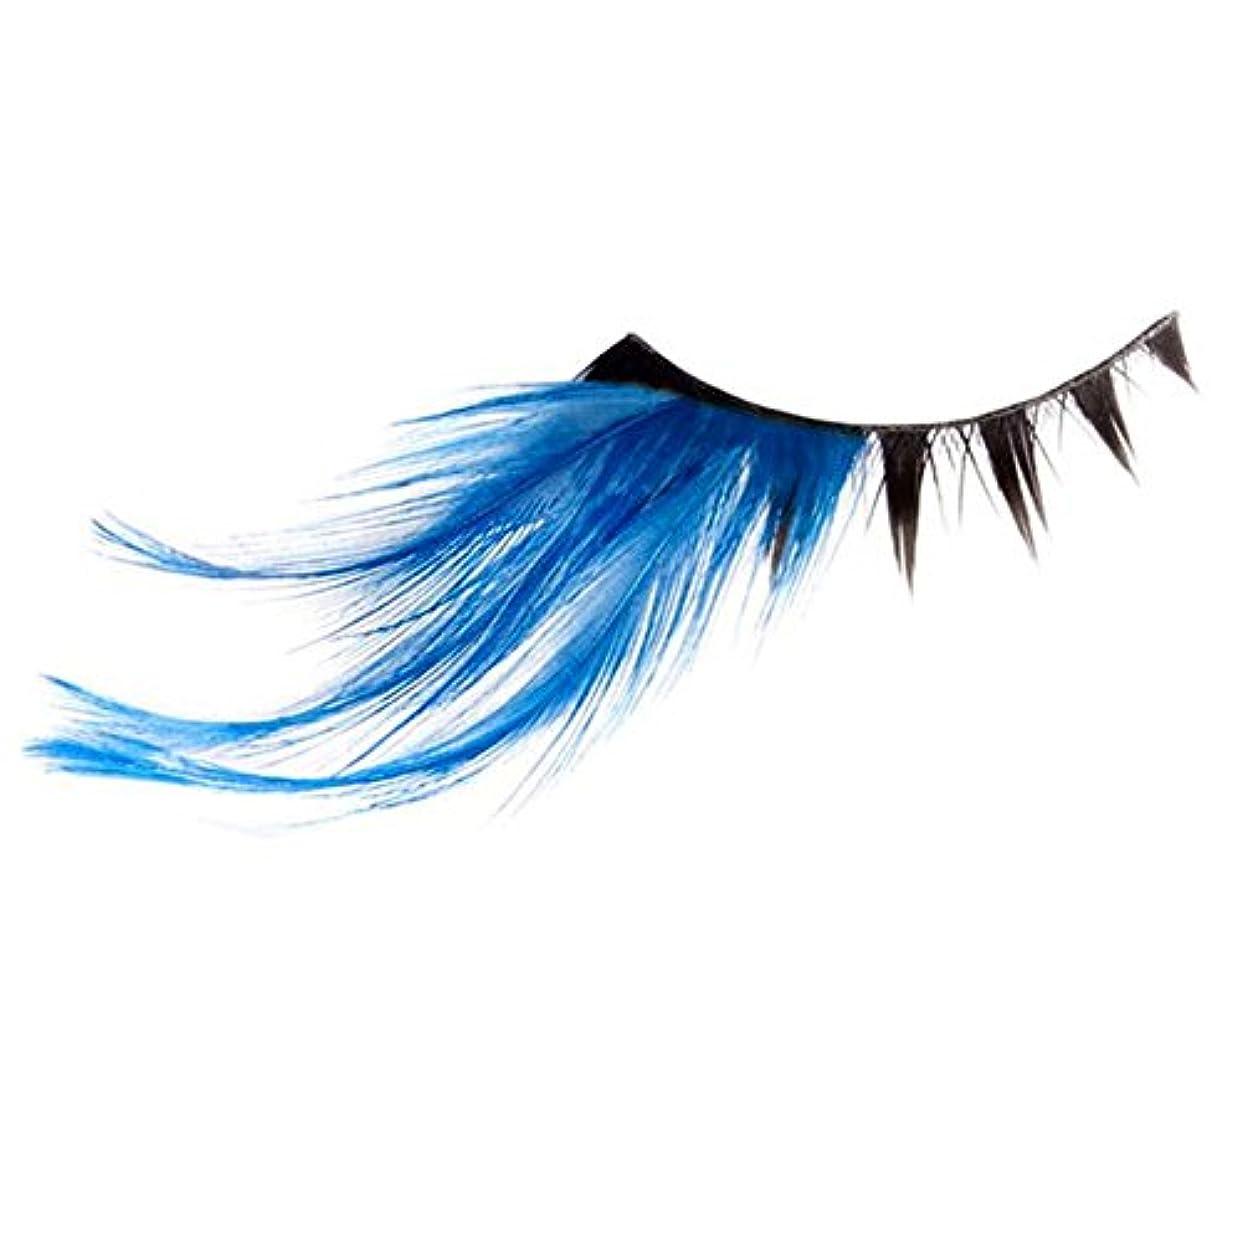 説明実際にデータムつけまつげ 羽つき フェザー付き グラマラスラッシュ ピンク ブルー ブラック アメリカ輸入 (ブルー)